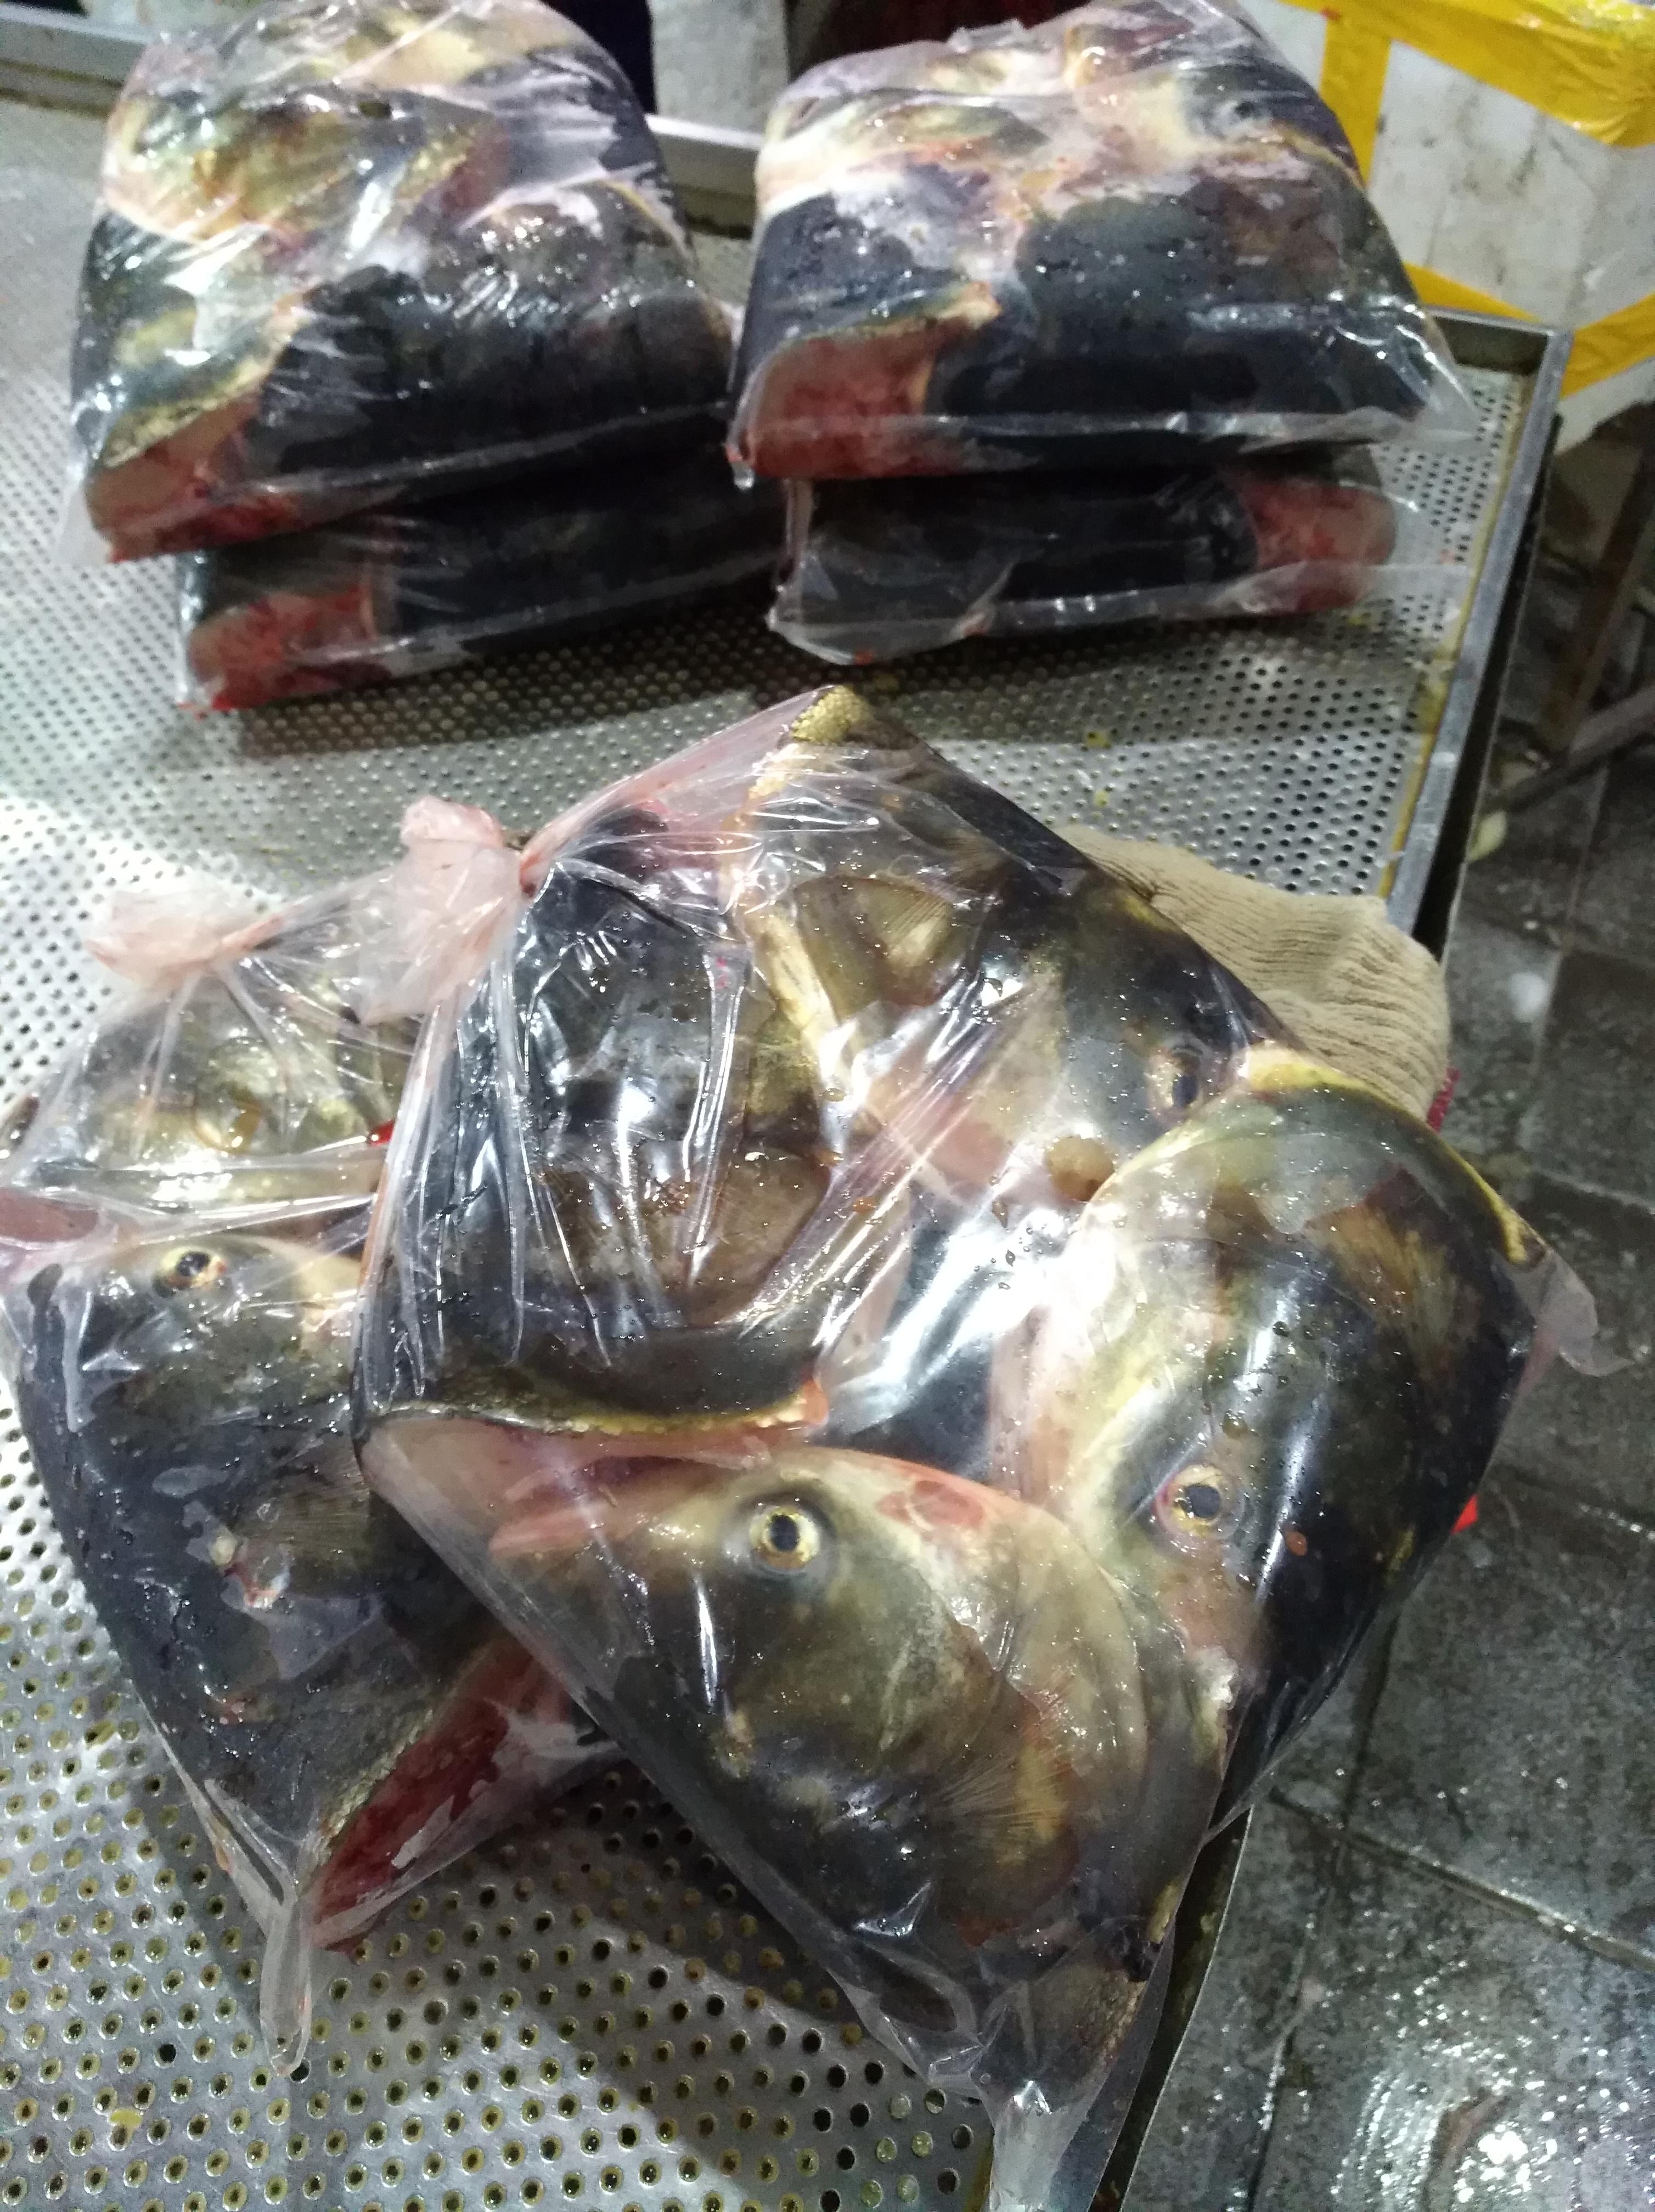 鱼头 鱼头厂家直销 鱼头哪家好 鱼头哪家好 佛山鱼头生产商 鱼头哪家便宜 佛山鱼头出售 佛山鱼头装卖店